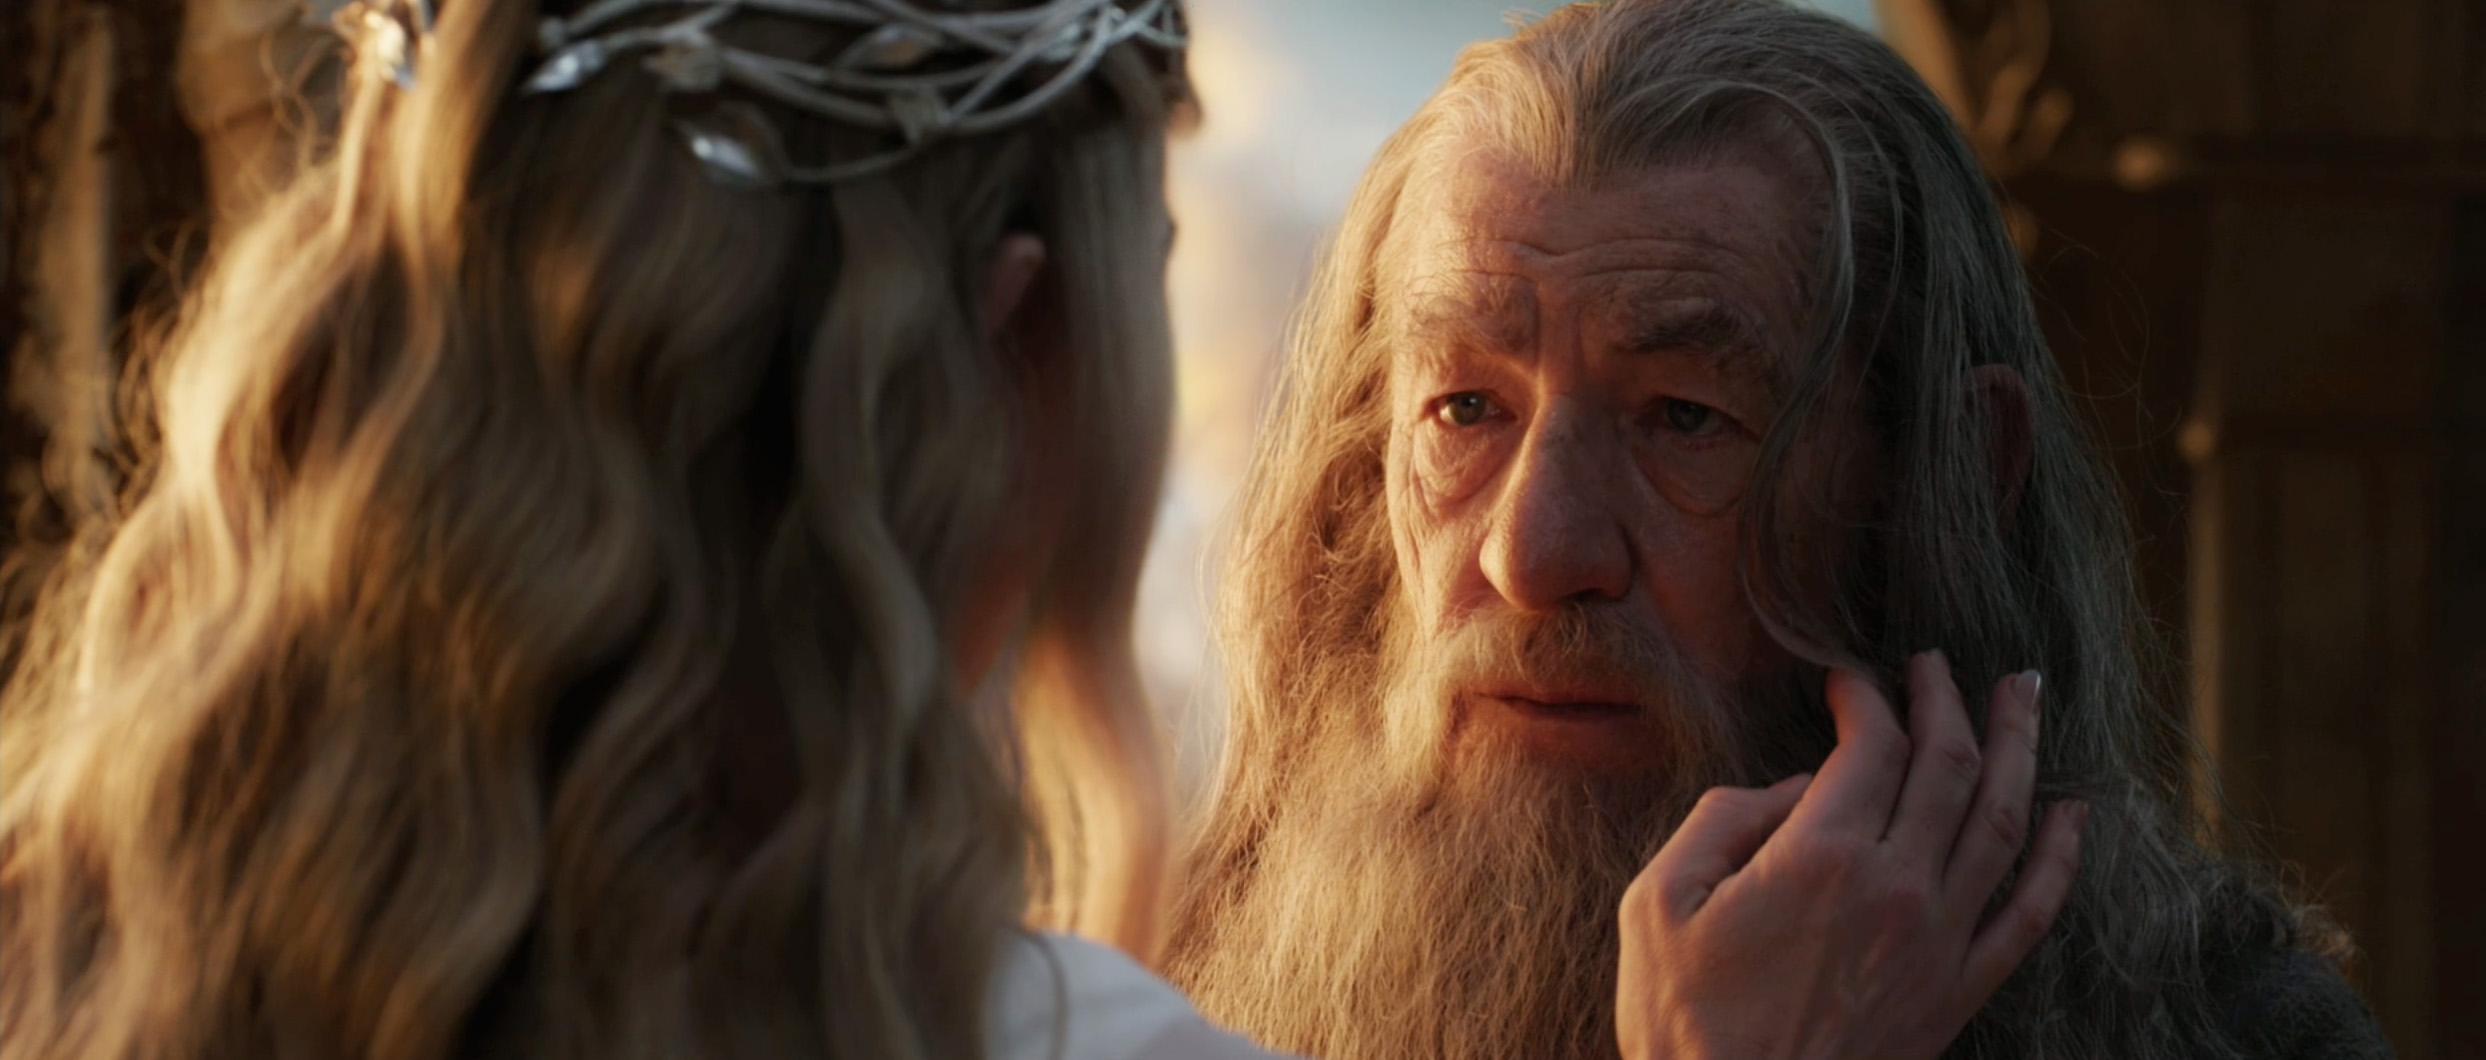 Notizie e informazioni sullo Hobbit di Peter Jackson